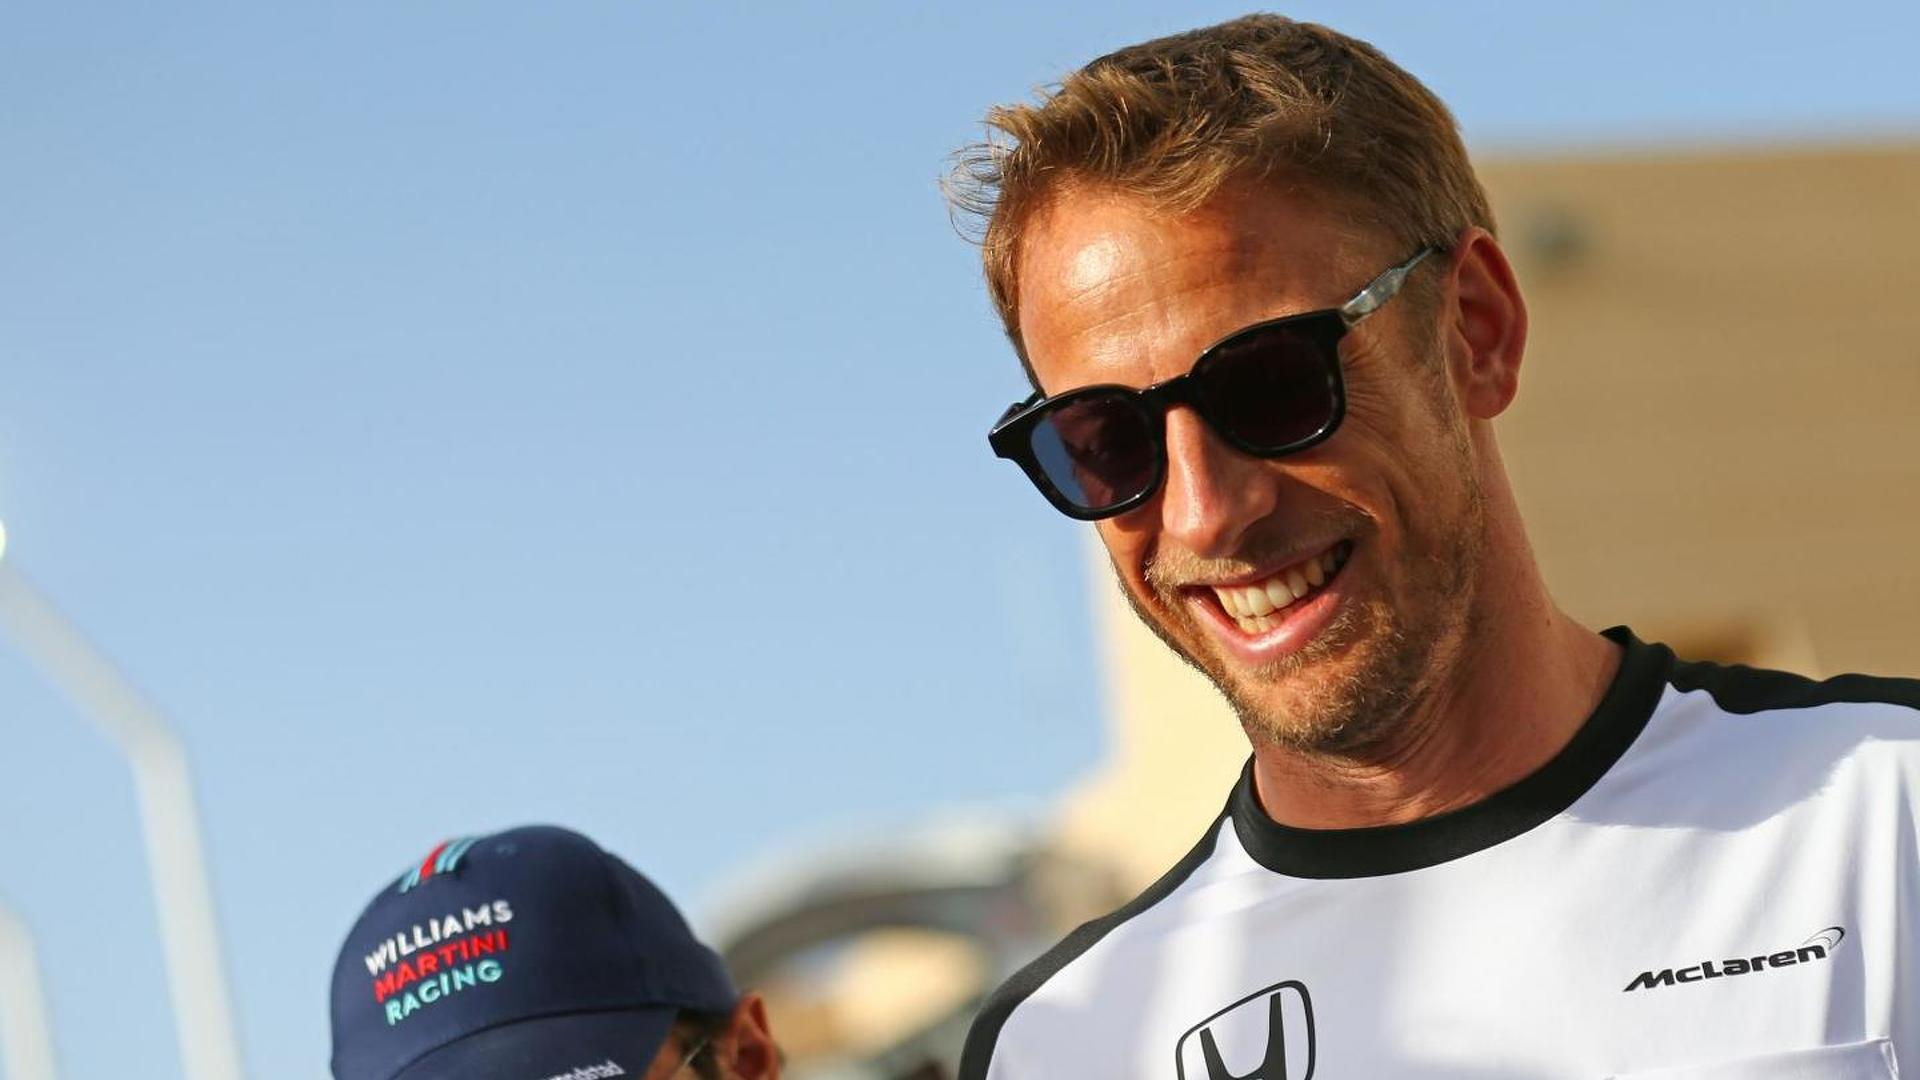 'No plans' yet for Button's McLaren future